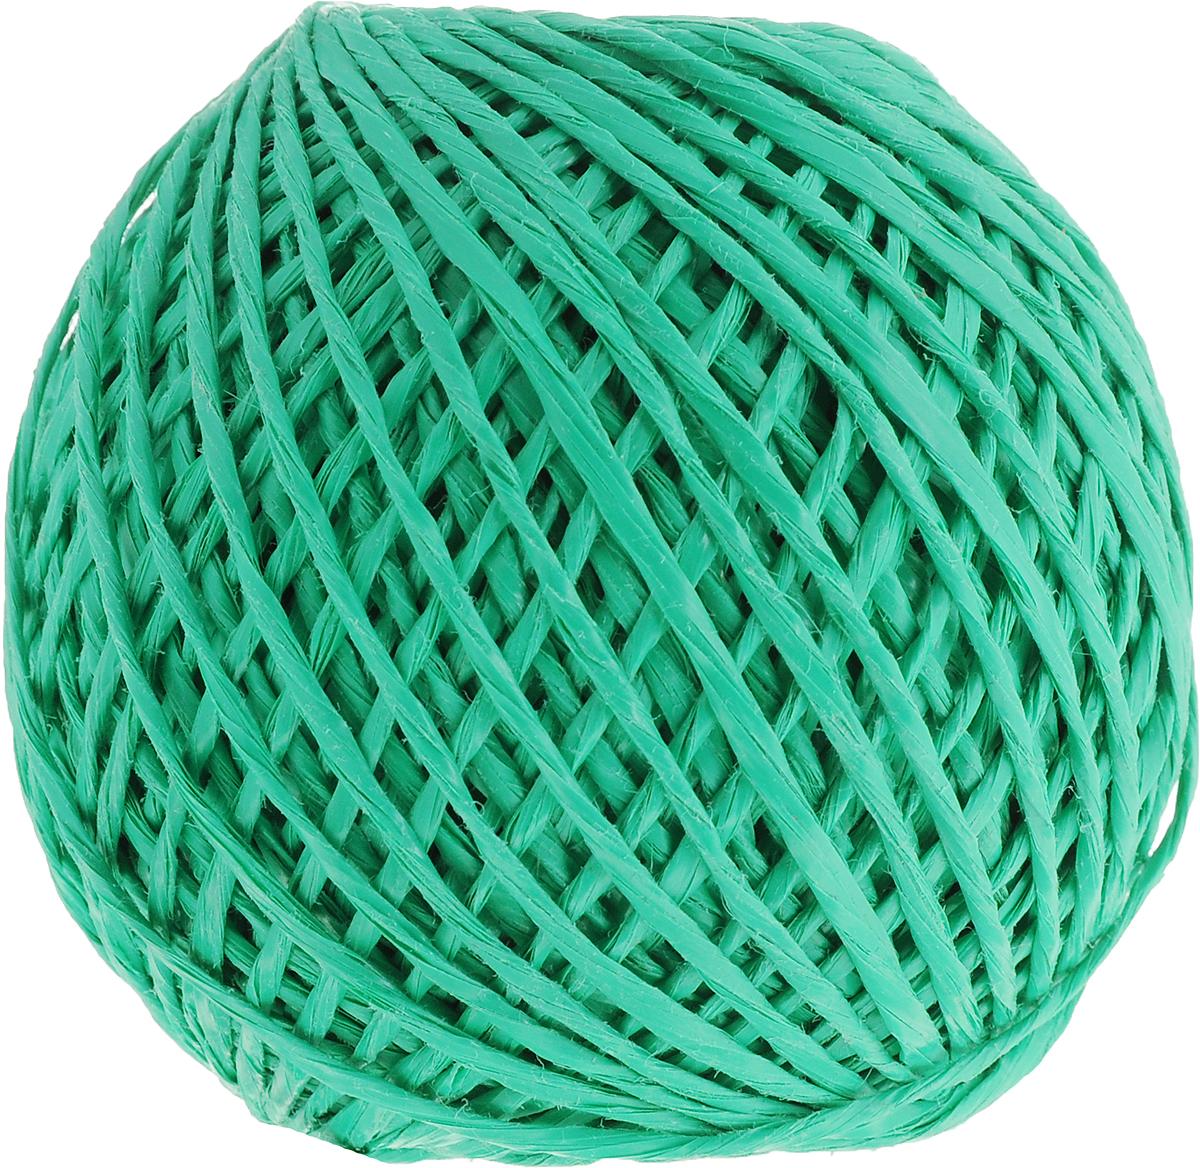 Шпагат Шнурком, цвет: зеленый, длина 100 мШпп_100_зеленыйПолипропиленовый шпагат Шнурком плотностью 1000 текс входит в категорию веревочной продукции, сырьем для которой являются синтетические волокна, в частности полипропиленовая нить. Данный материал характеризуется высокой прочностью и стойкостью к износу. Кроме того, он эластичен, гибок, не боится многократных изгибов, плотно облегает изделие при обвязке и легко завязывается в крепкие узлы. Относительная удельная плотность полипропиленовых шпагатов варьируется от 0,70 до 0,91 кг/м3. Температура плавления от 150 до 170°C (в зависимости от вида и модели шпагата). Удлинение под предельной нагрузкой (18-20%).Длина шпагата: 100 м. Толщина нити: 2 мм. Линейная плотность шпагата: 1000 текс.